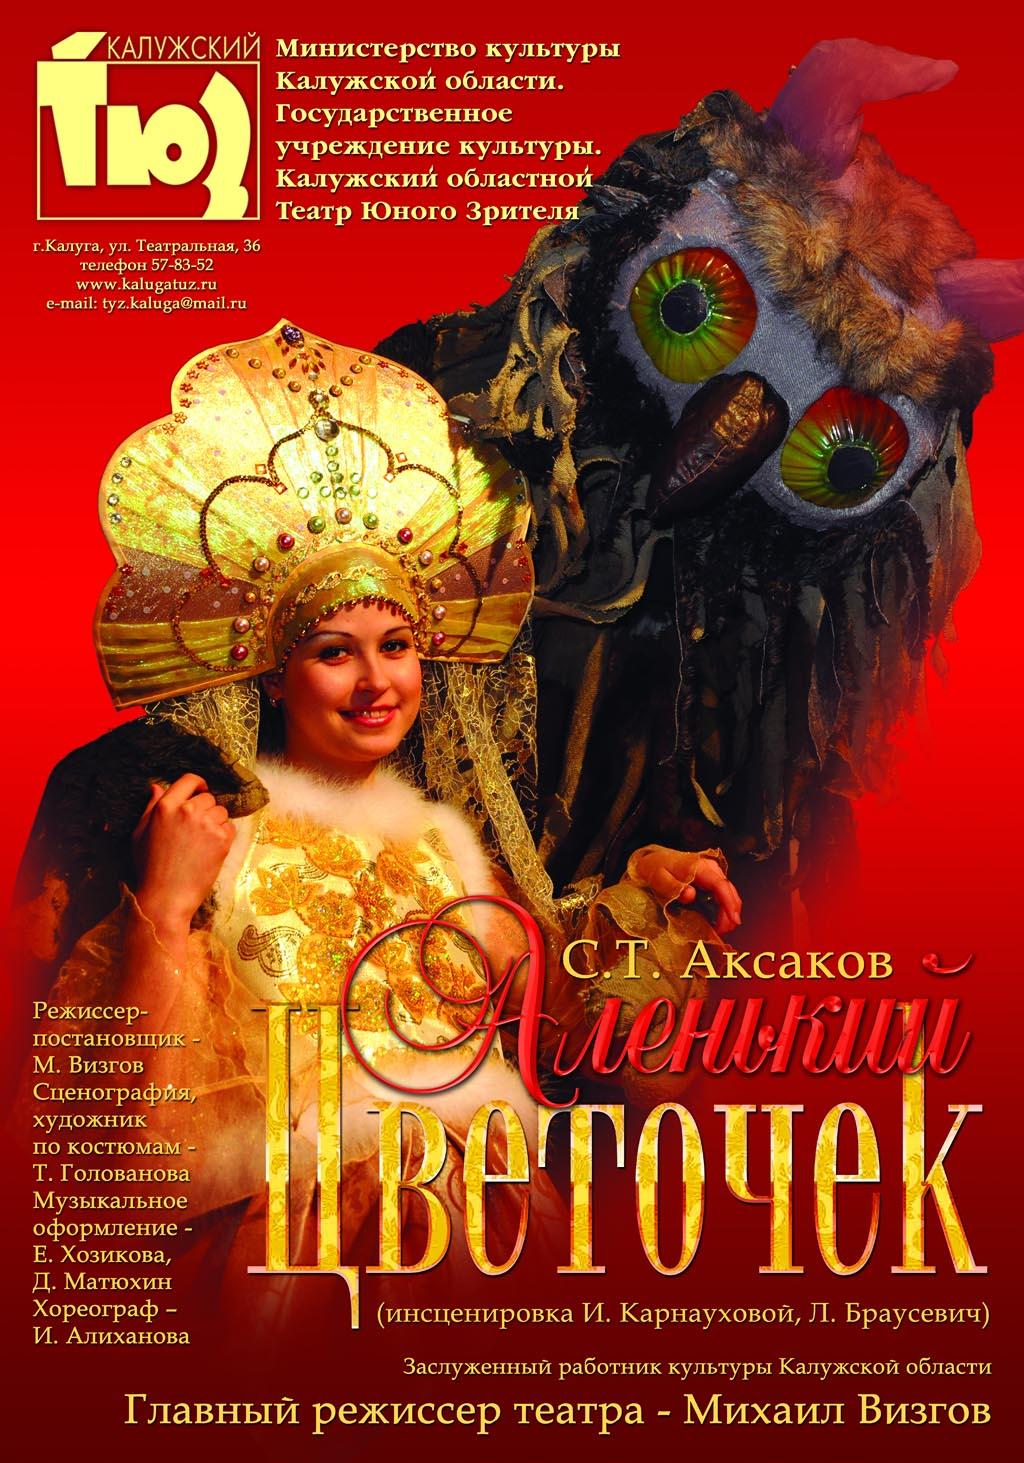 Спектакль «Аленький цветочек» в Калужском театре юного зрителя